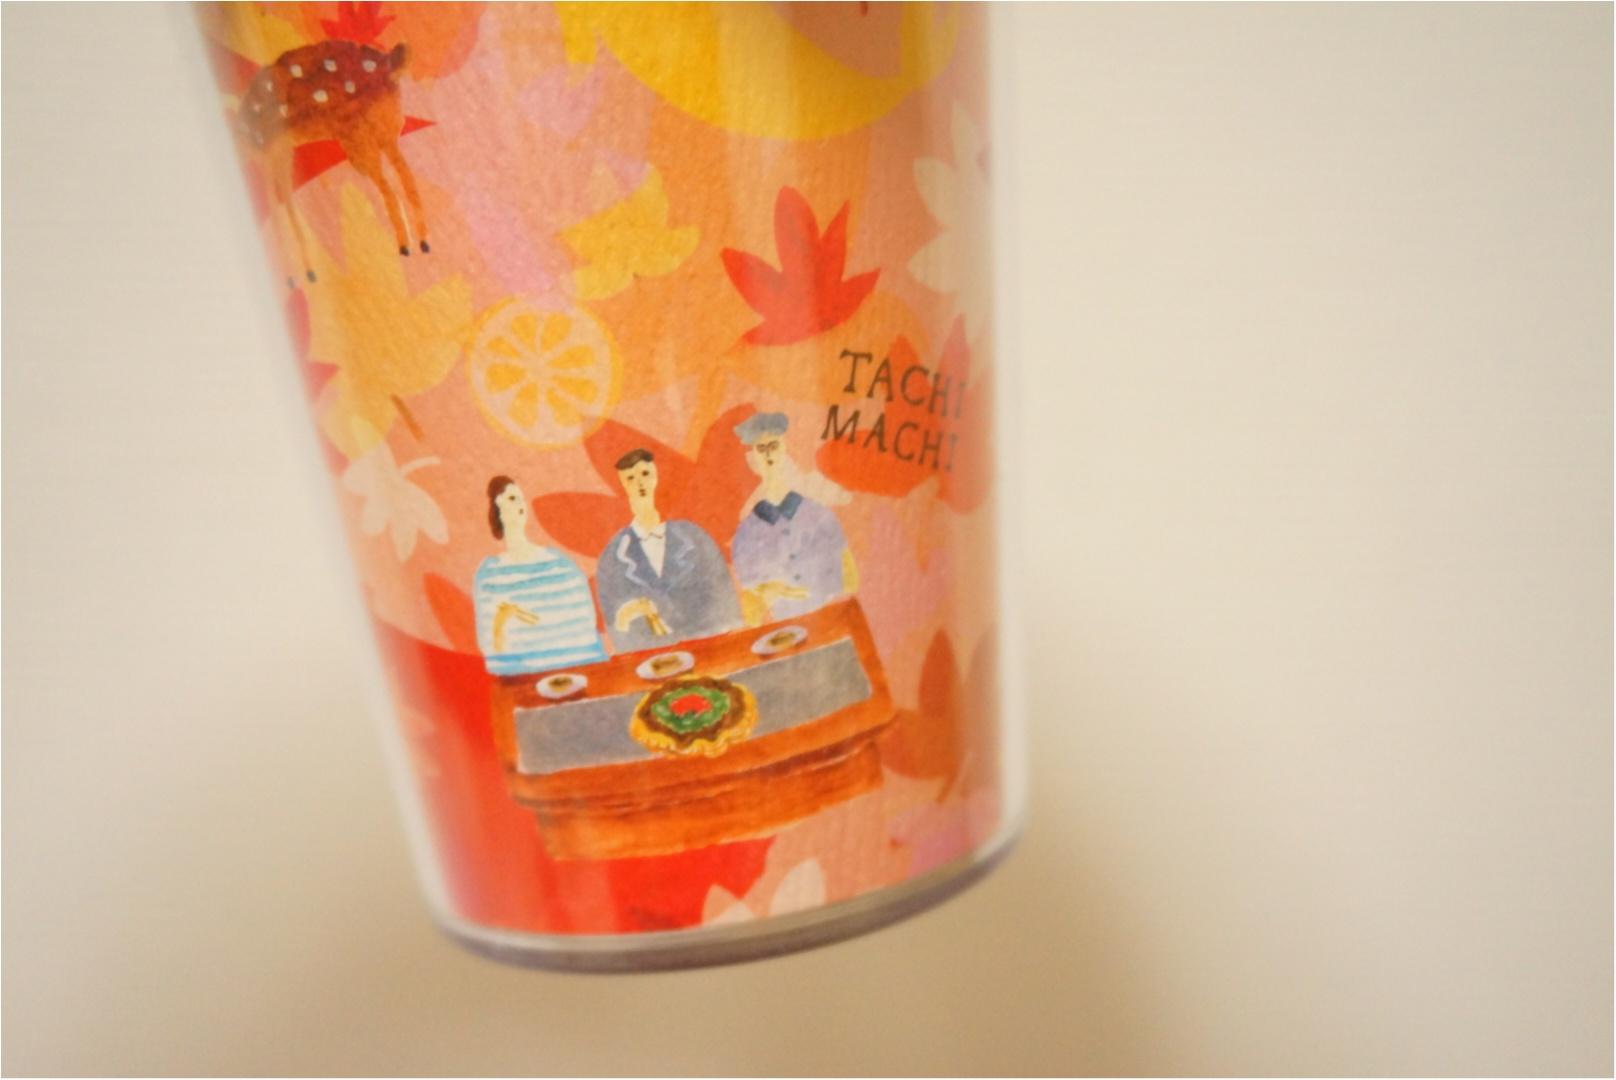 広島のおしゃれなお土産特集《2019年》- 人気の定番土産から話題のチョコ、スタバの限定タンブラーも!_23